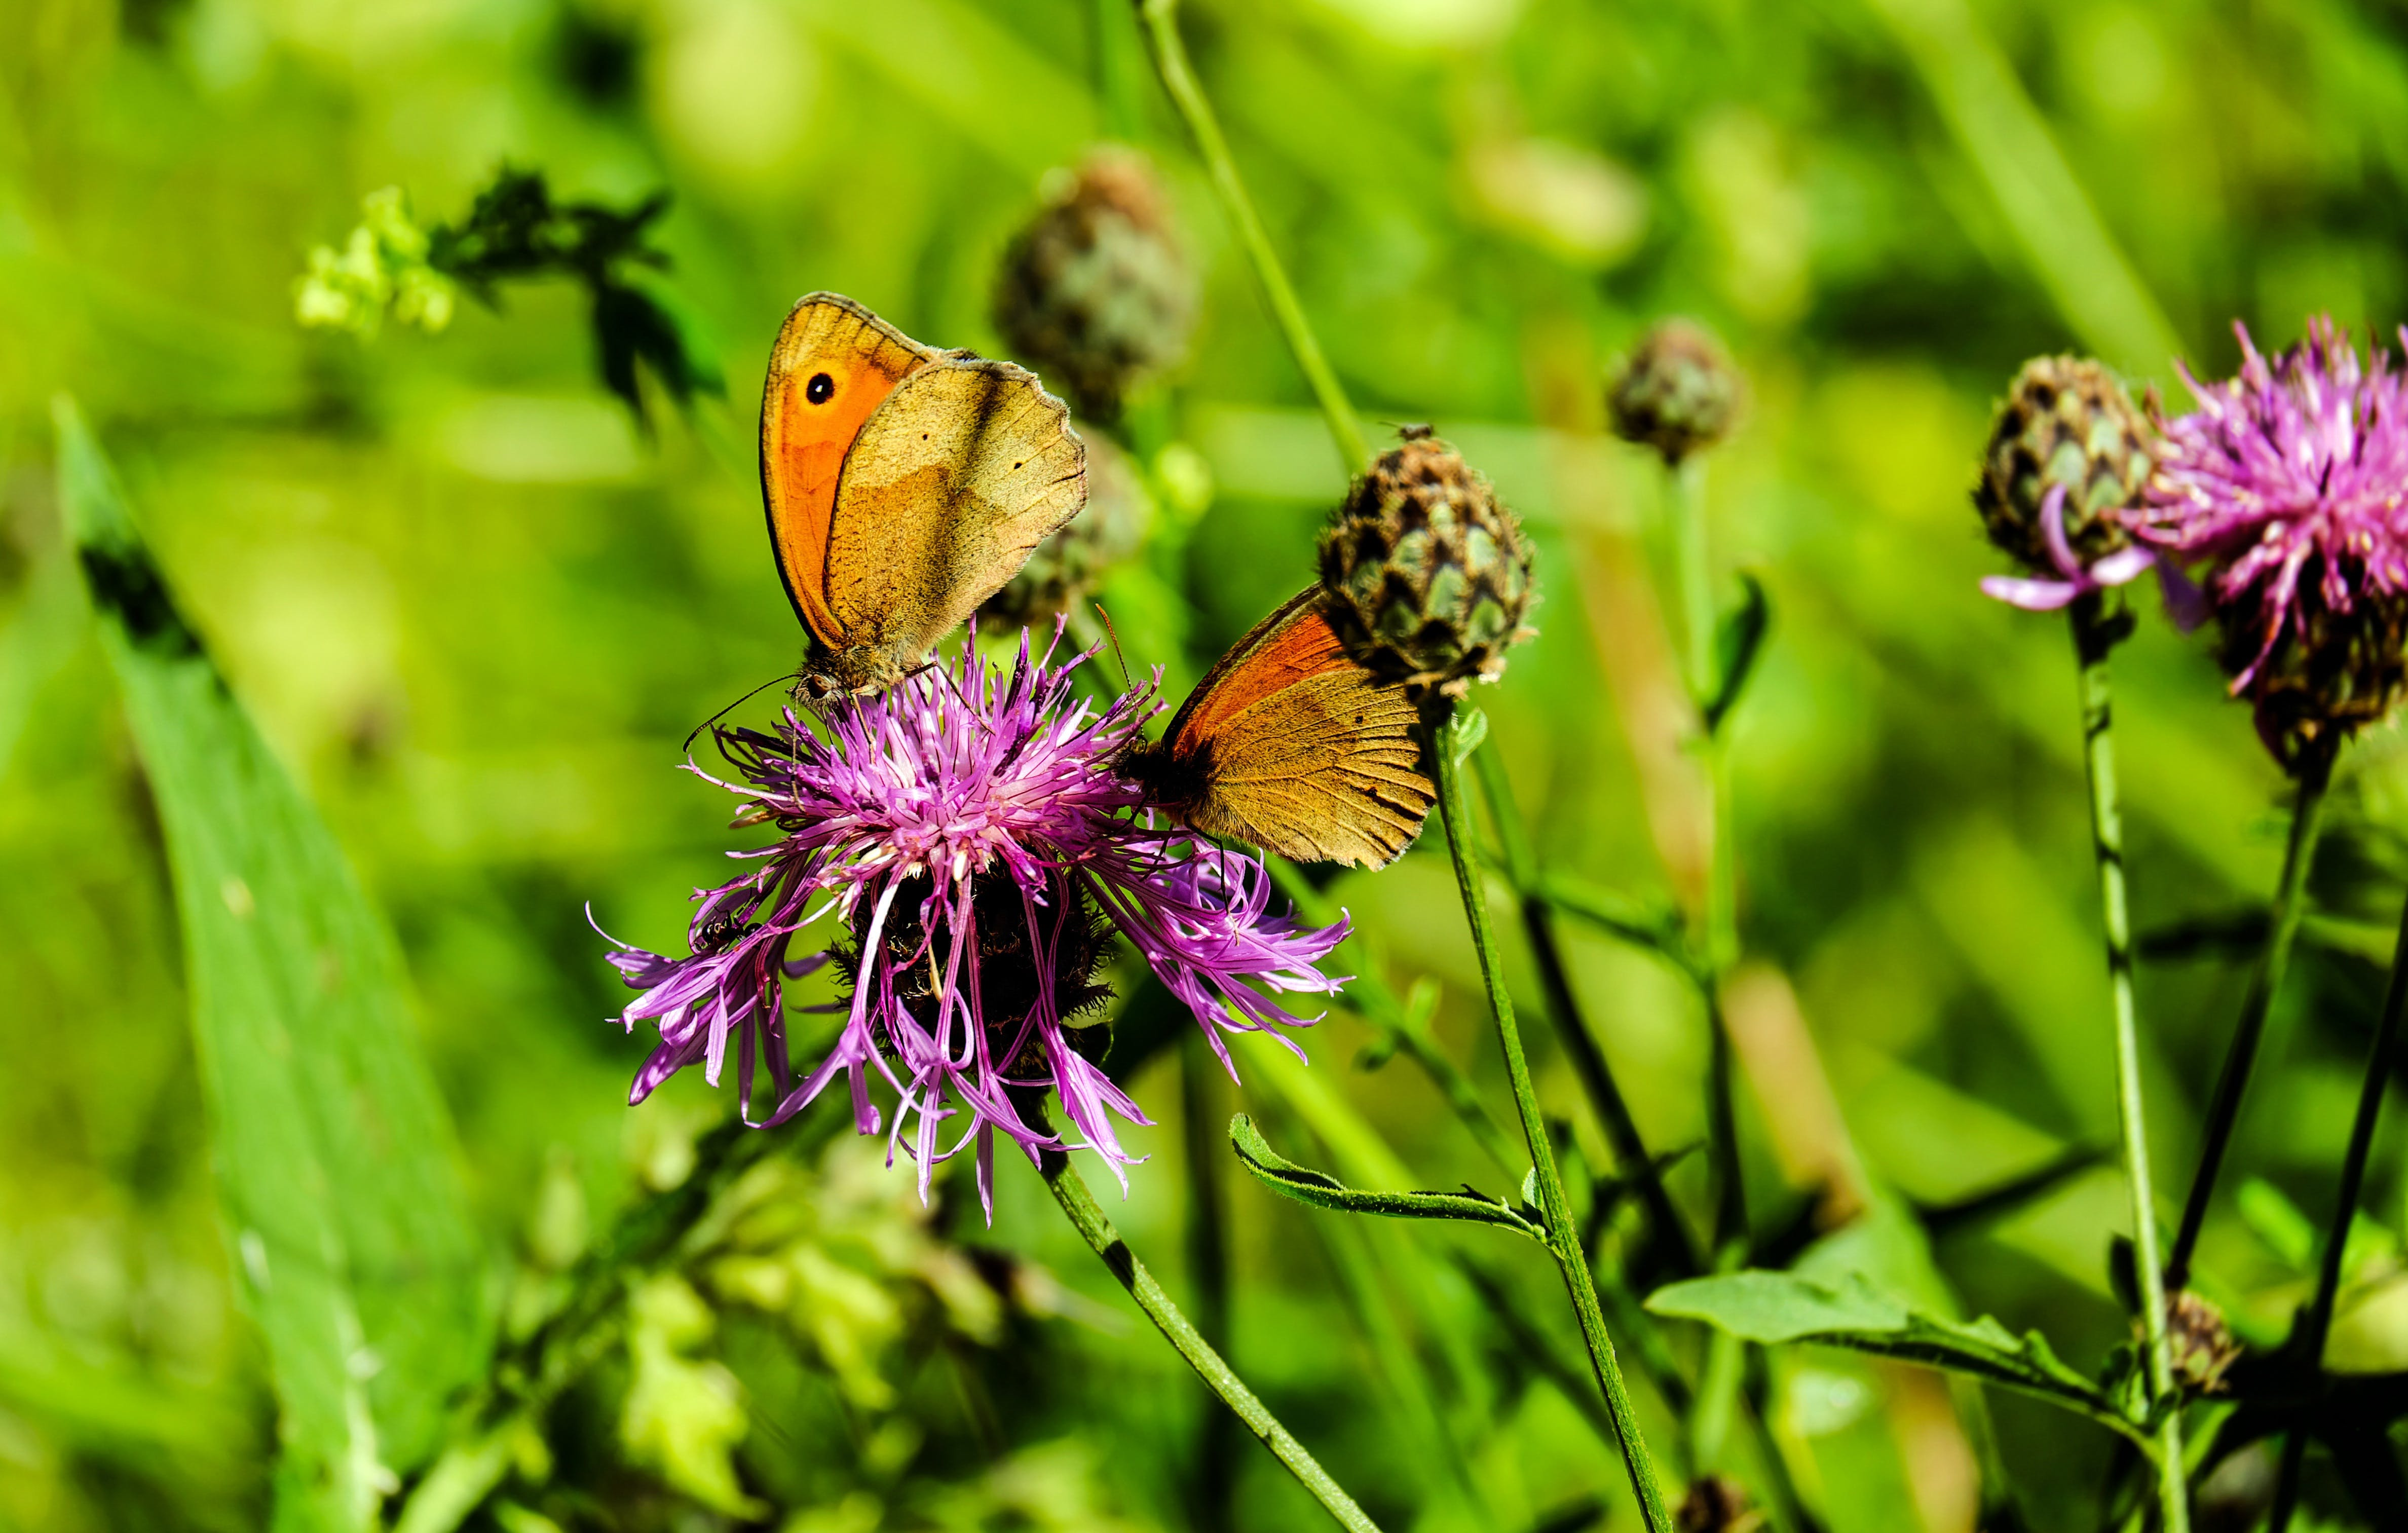 Gratis stockfoto met beest, bloemen, bloemknoppen, close-up